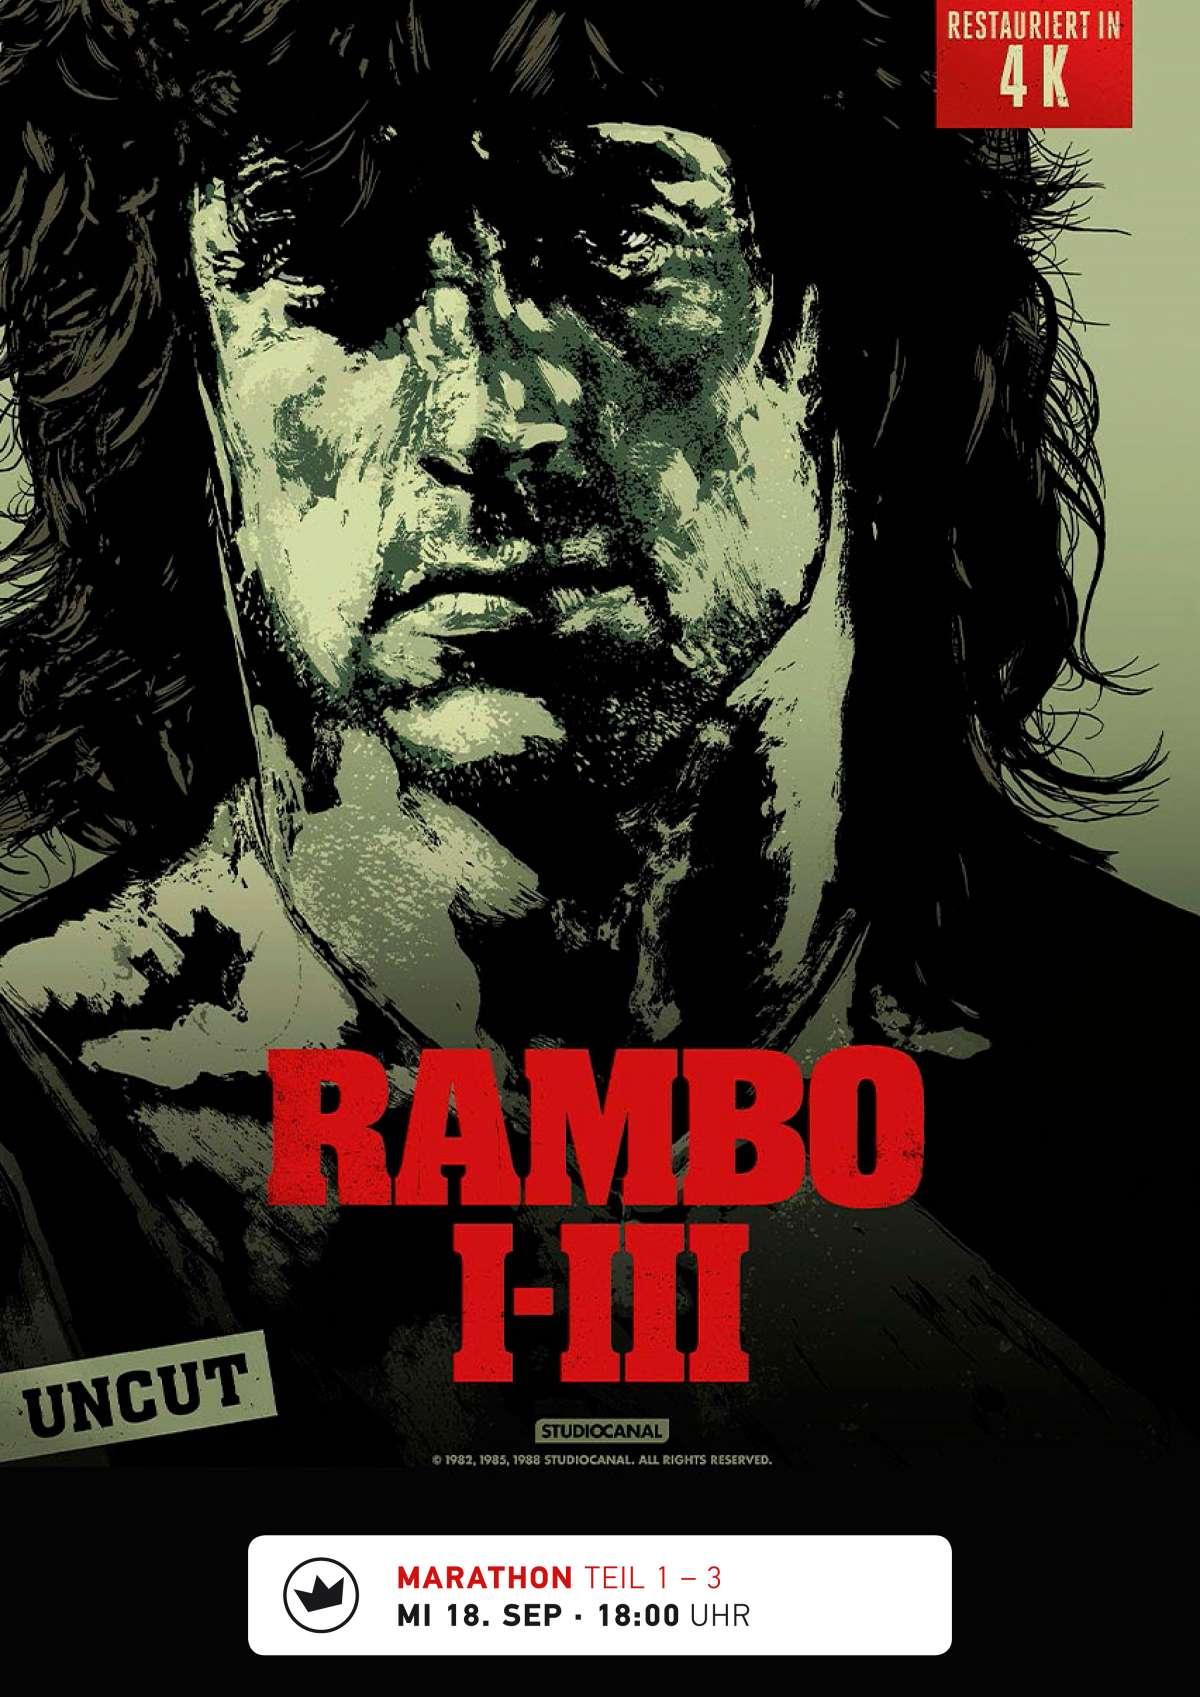 Rambo (1-3 Marathon) - Cine-Royal  - Fritzlar